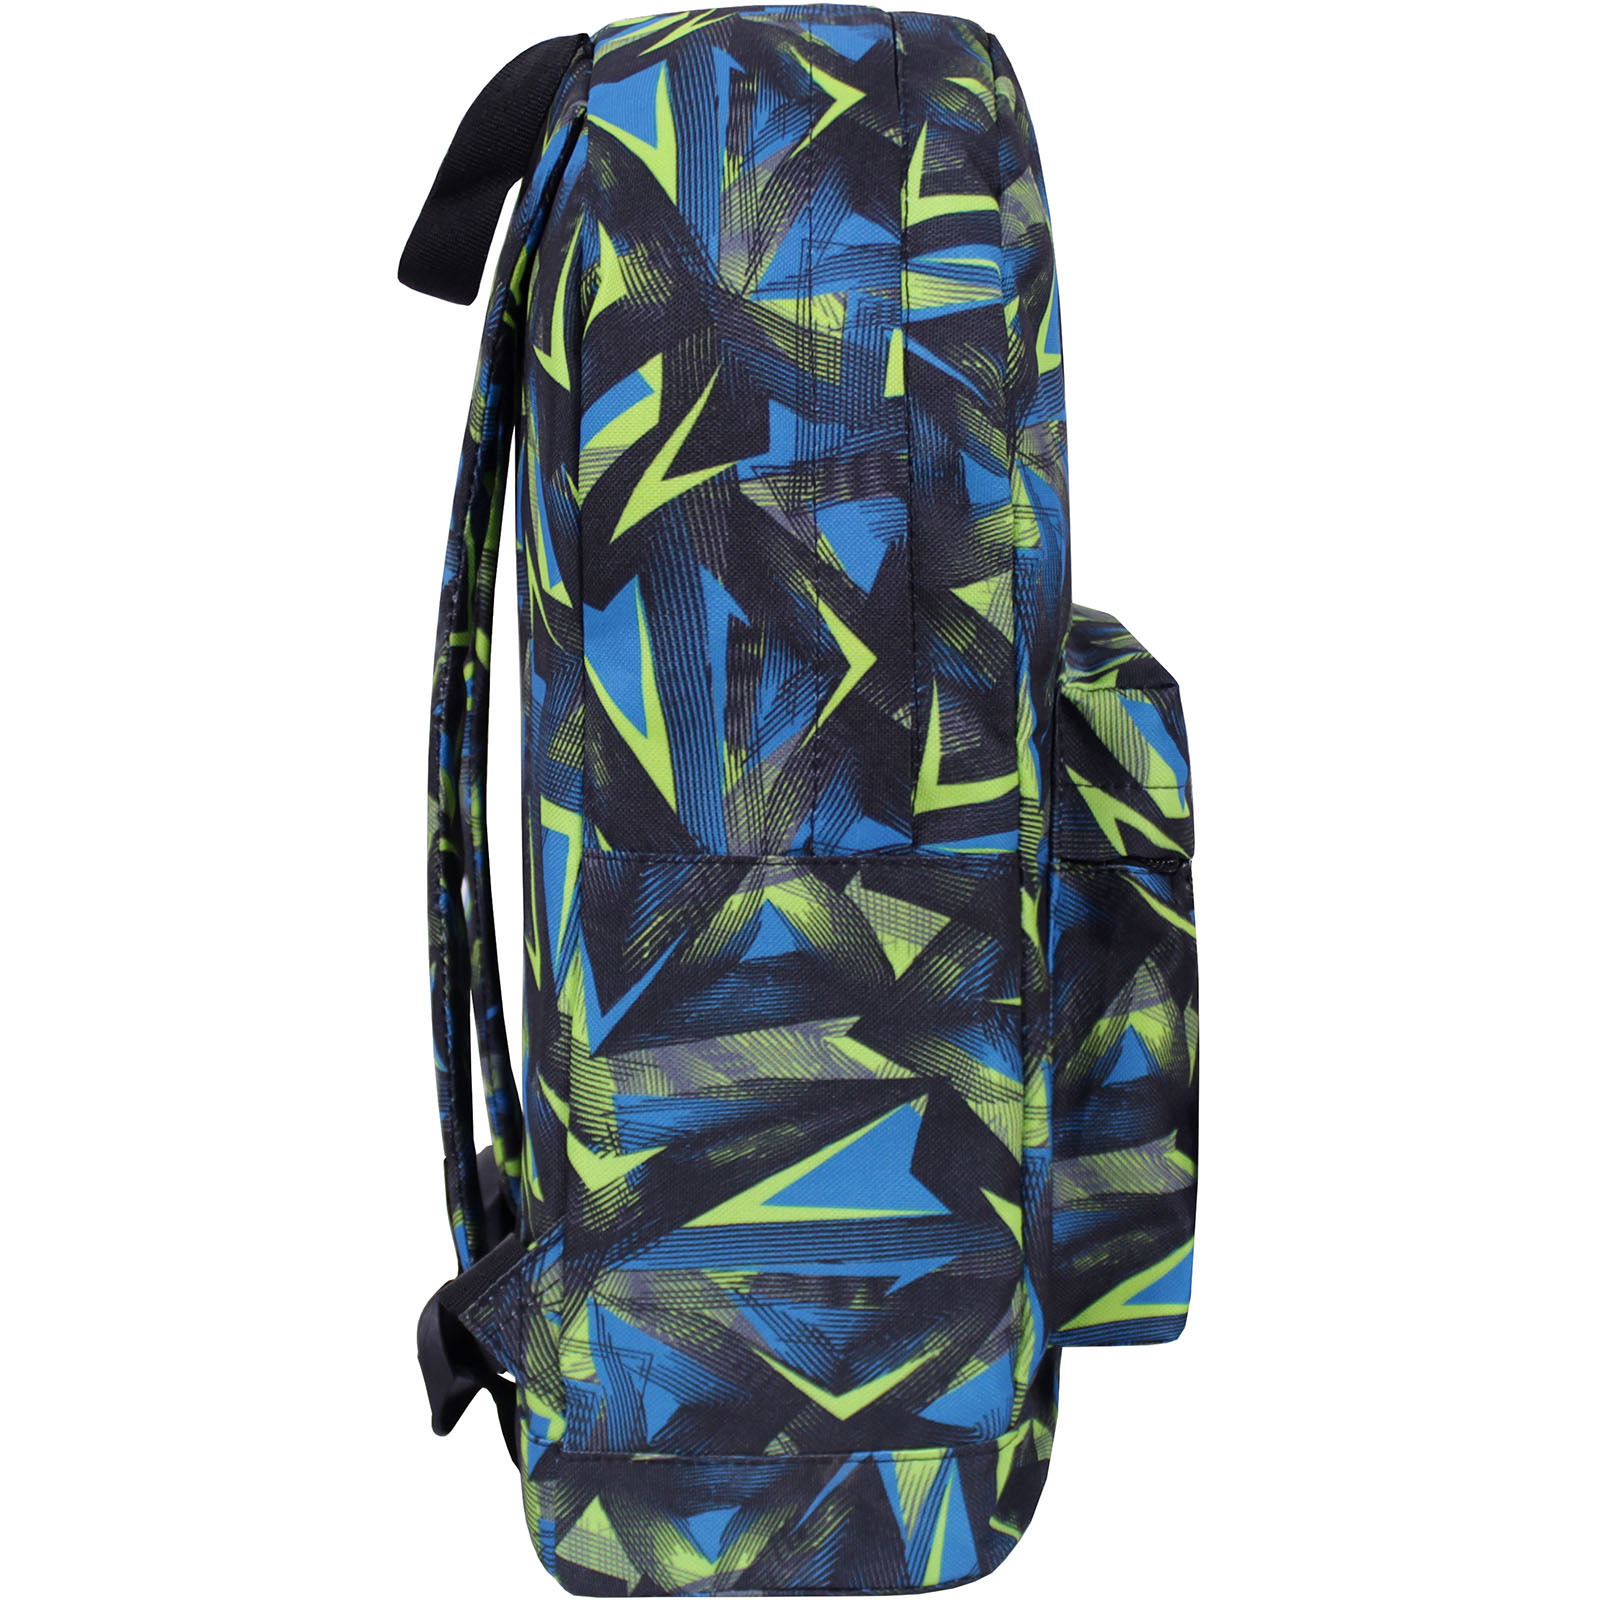 Средние рюкзаки Рюкзак Bagland Молодежный (дизайн) 17 л. сублімація 311 (00533664) IMG_8268.JPG